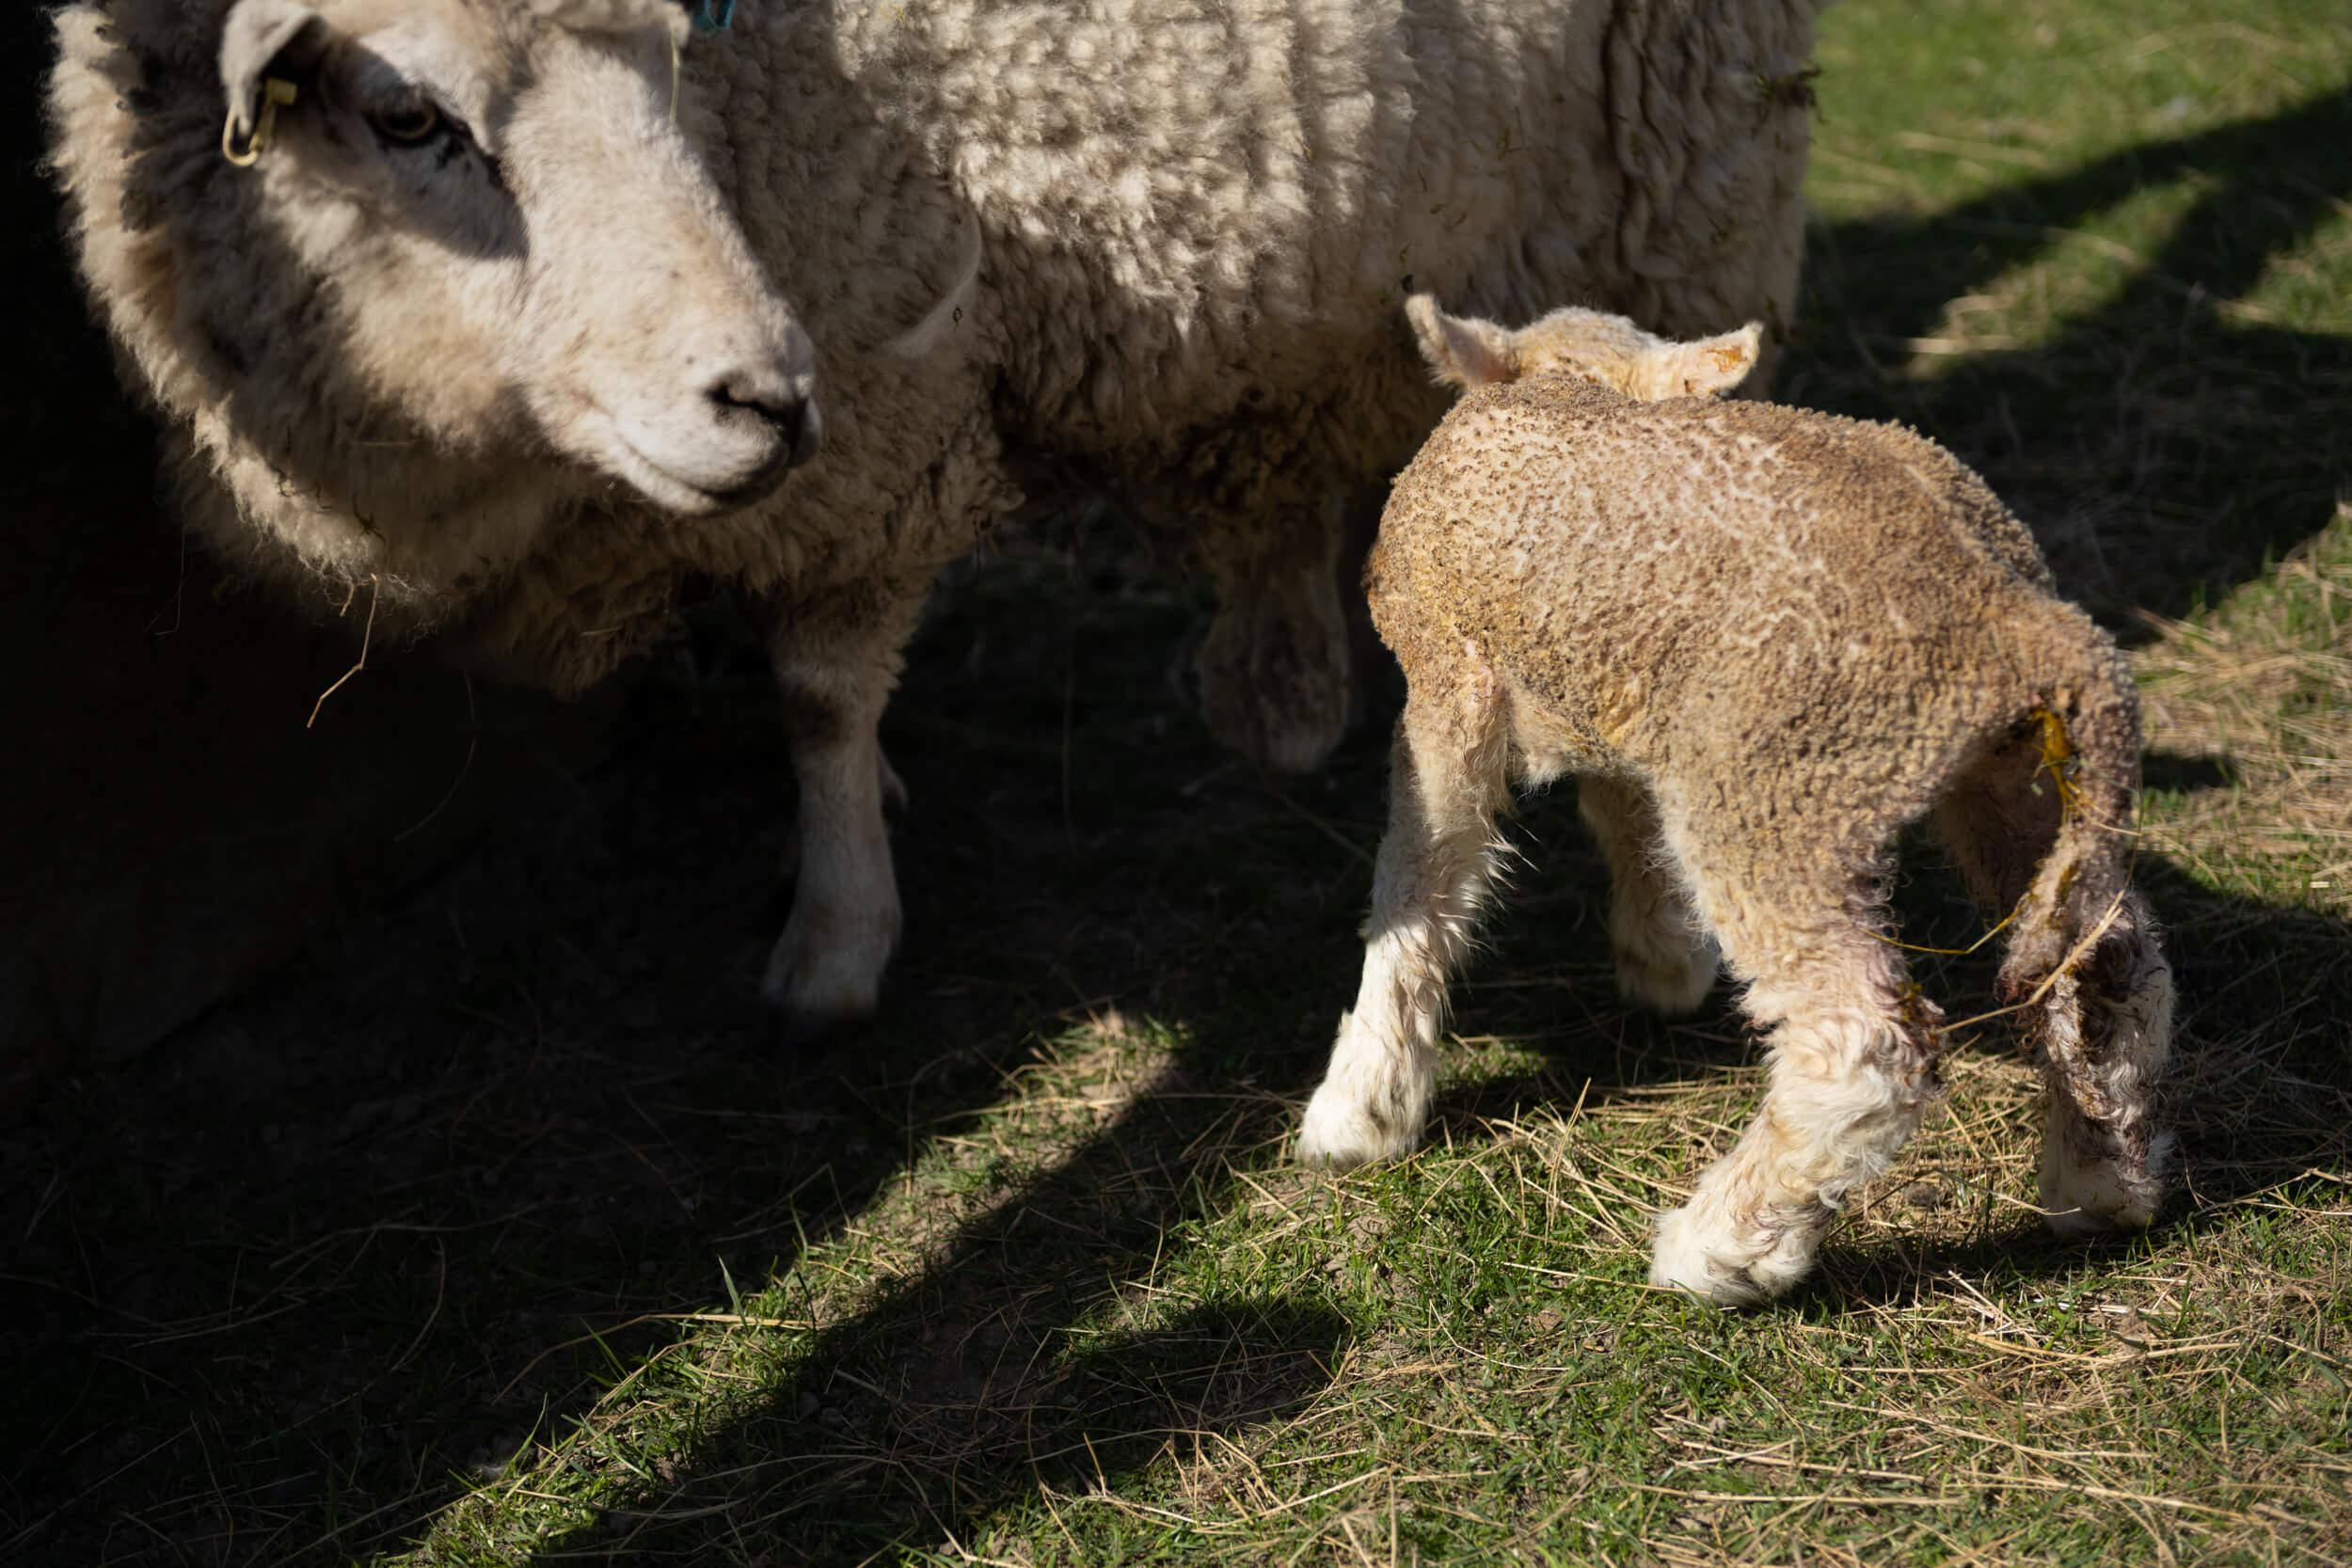 A sheep and a lamb